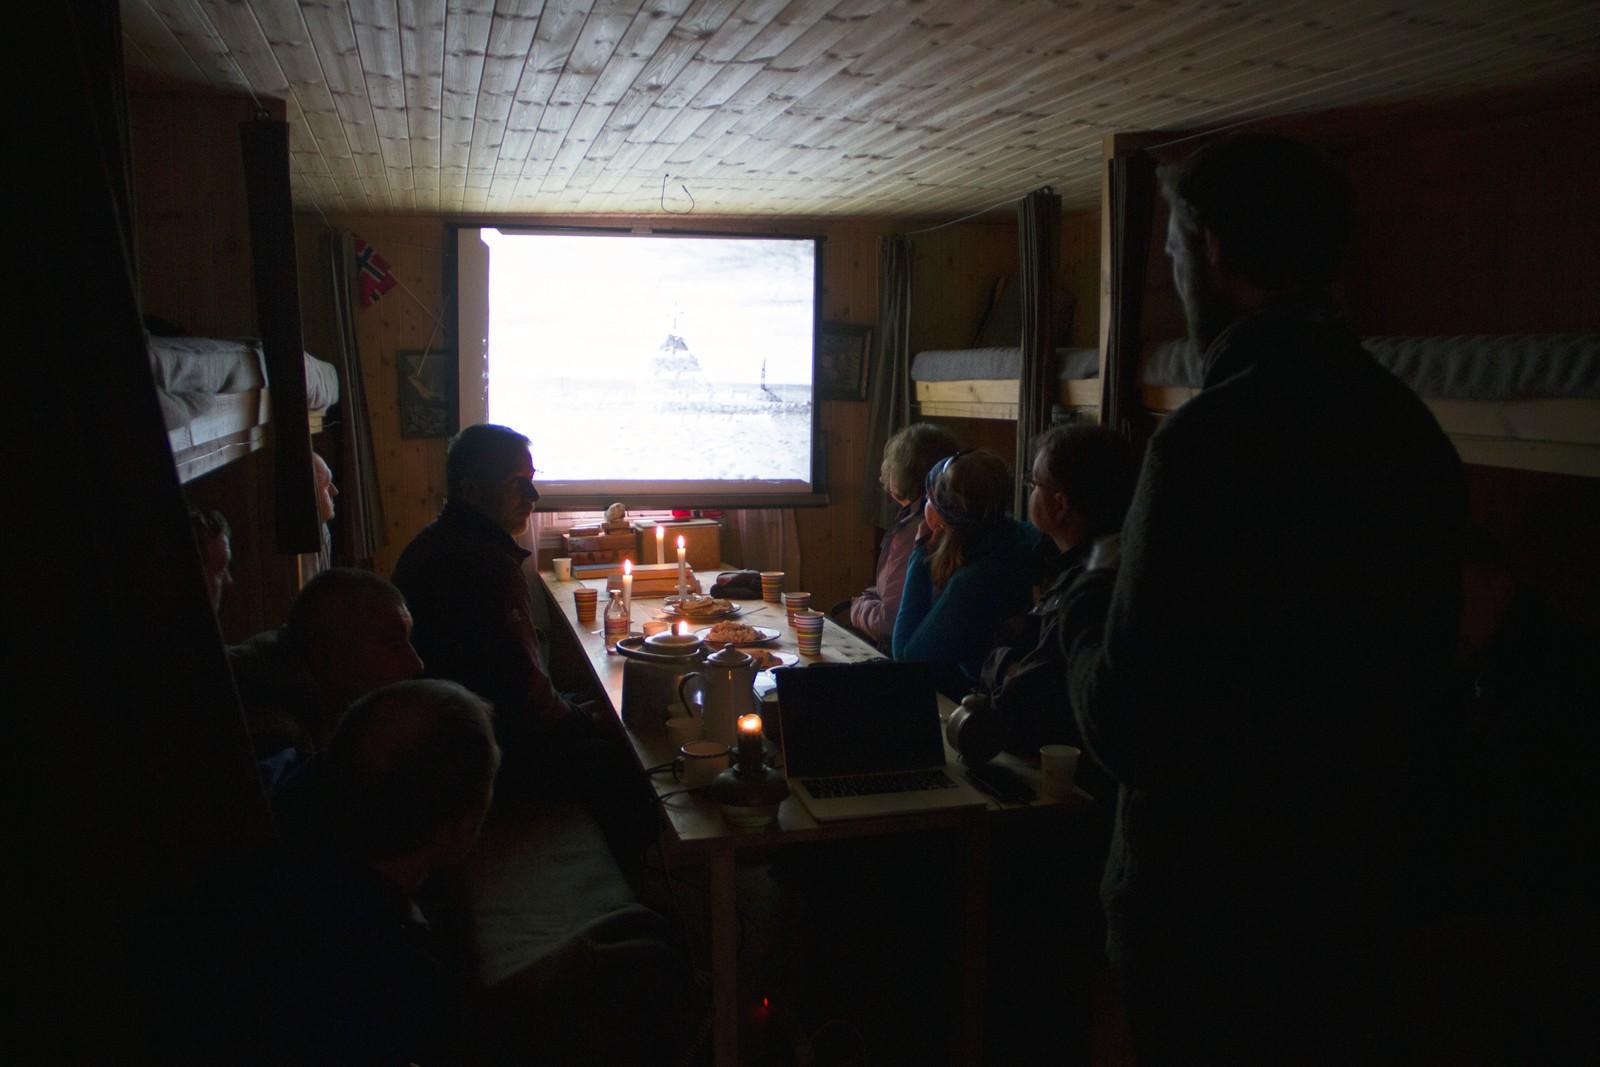 Siste post på dagens program. Inne i Framheim forteller Anders Bache om kappløpet mellom Amundsen og Scott i 1911/1912. Målet er å gjøre Framheim til et mini-museum, mest mulig lik Amundsens hytte.